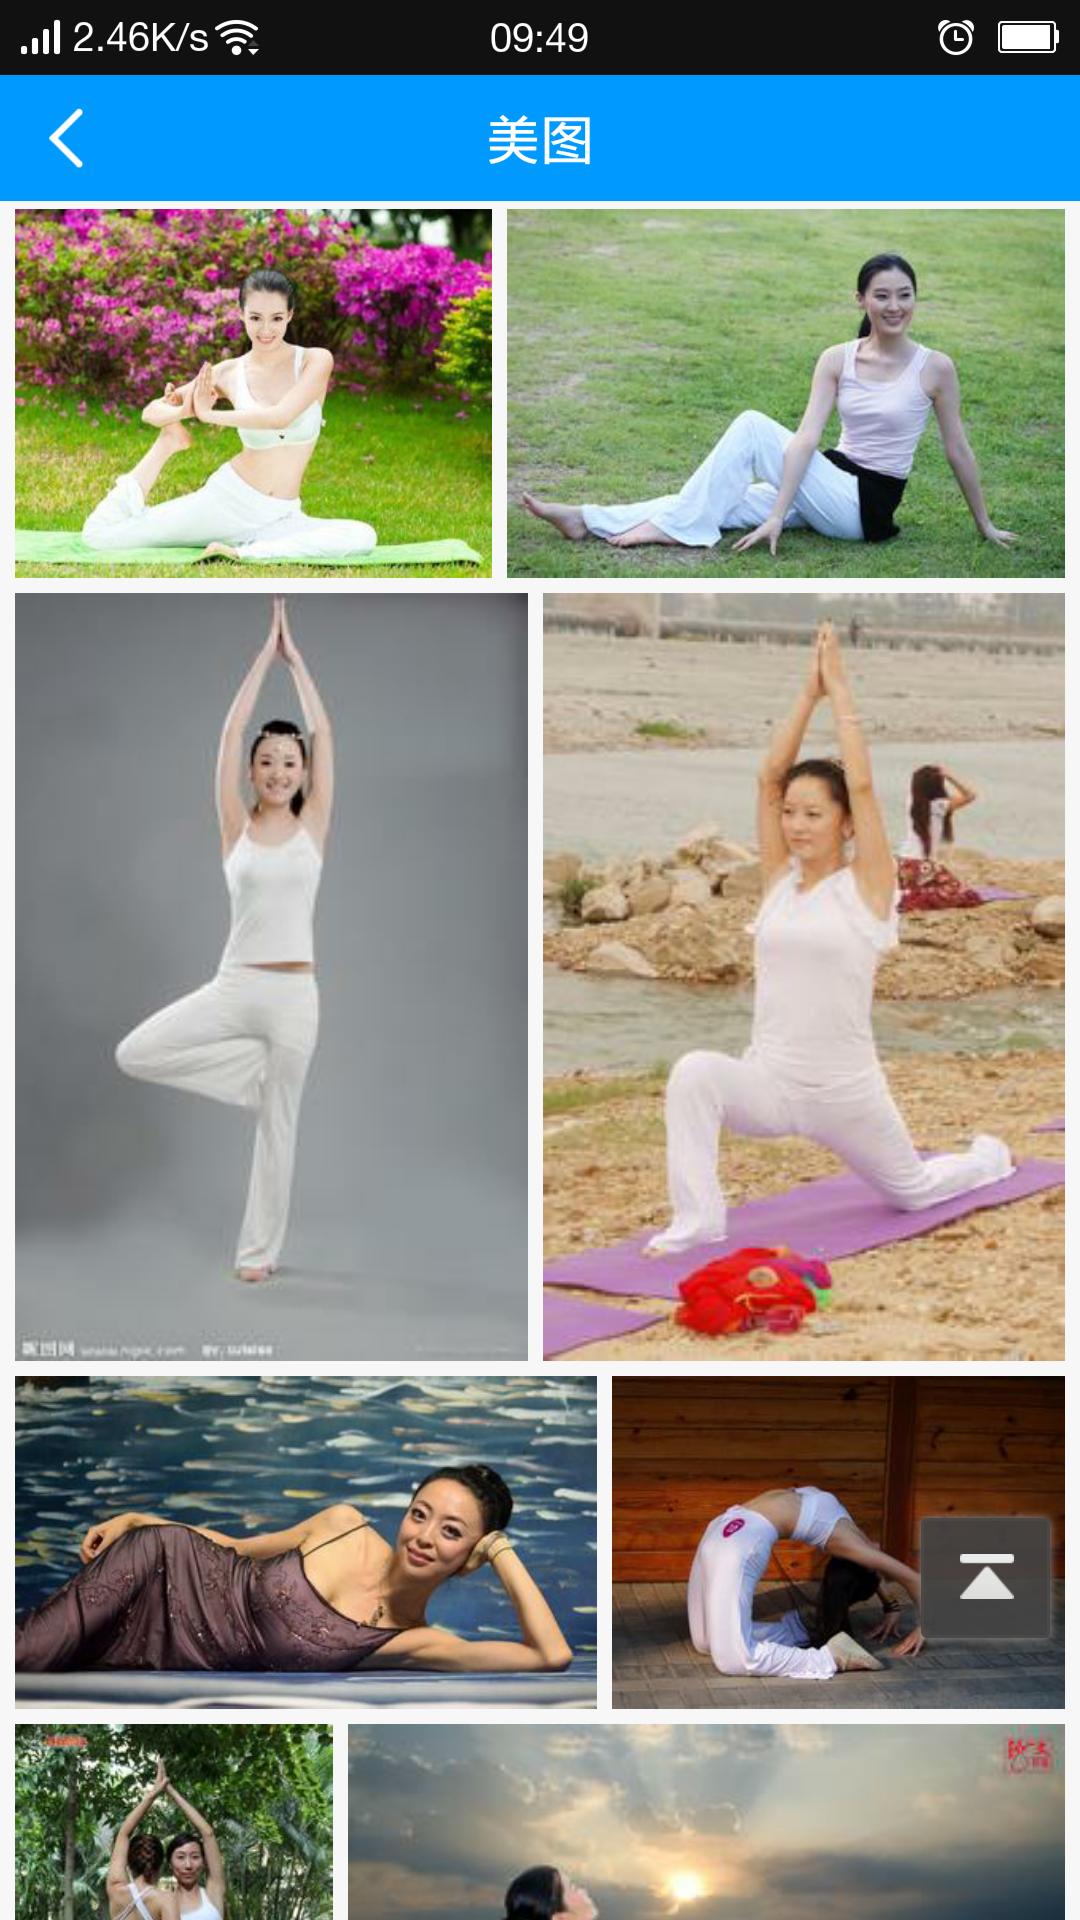 萌萌哒少女手绘瑜伽图